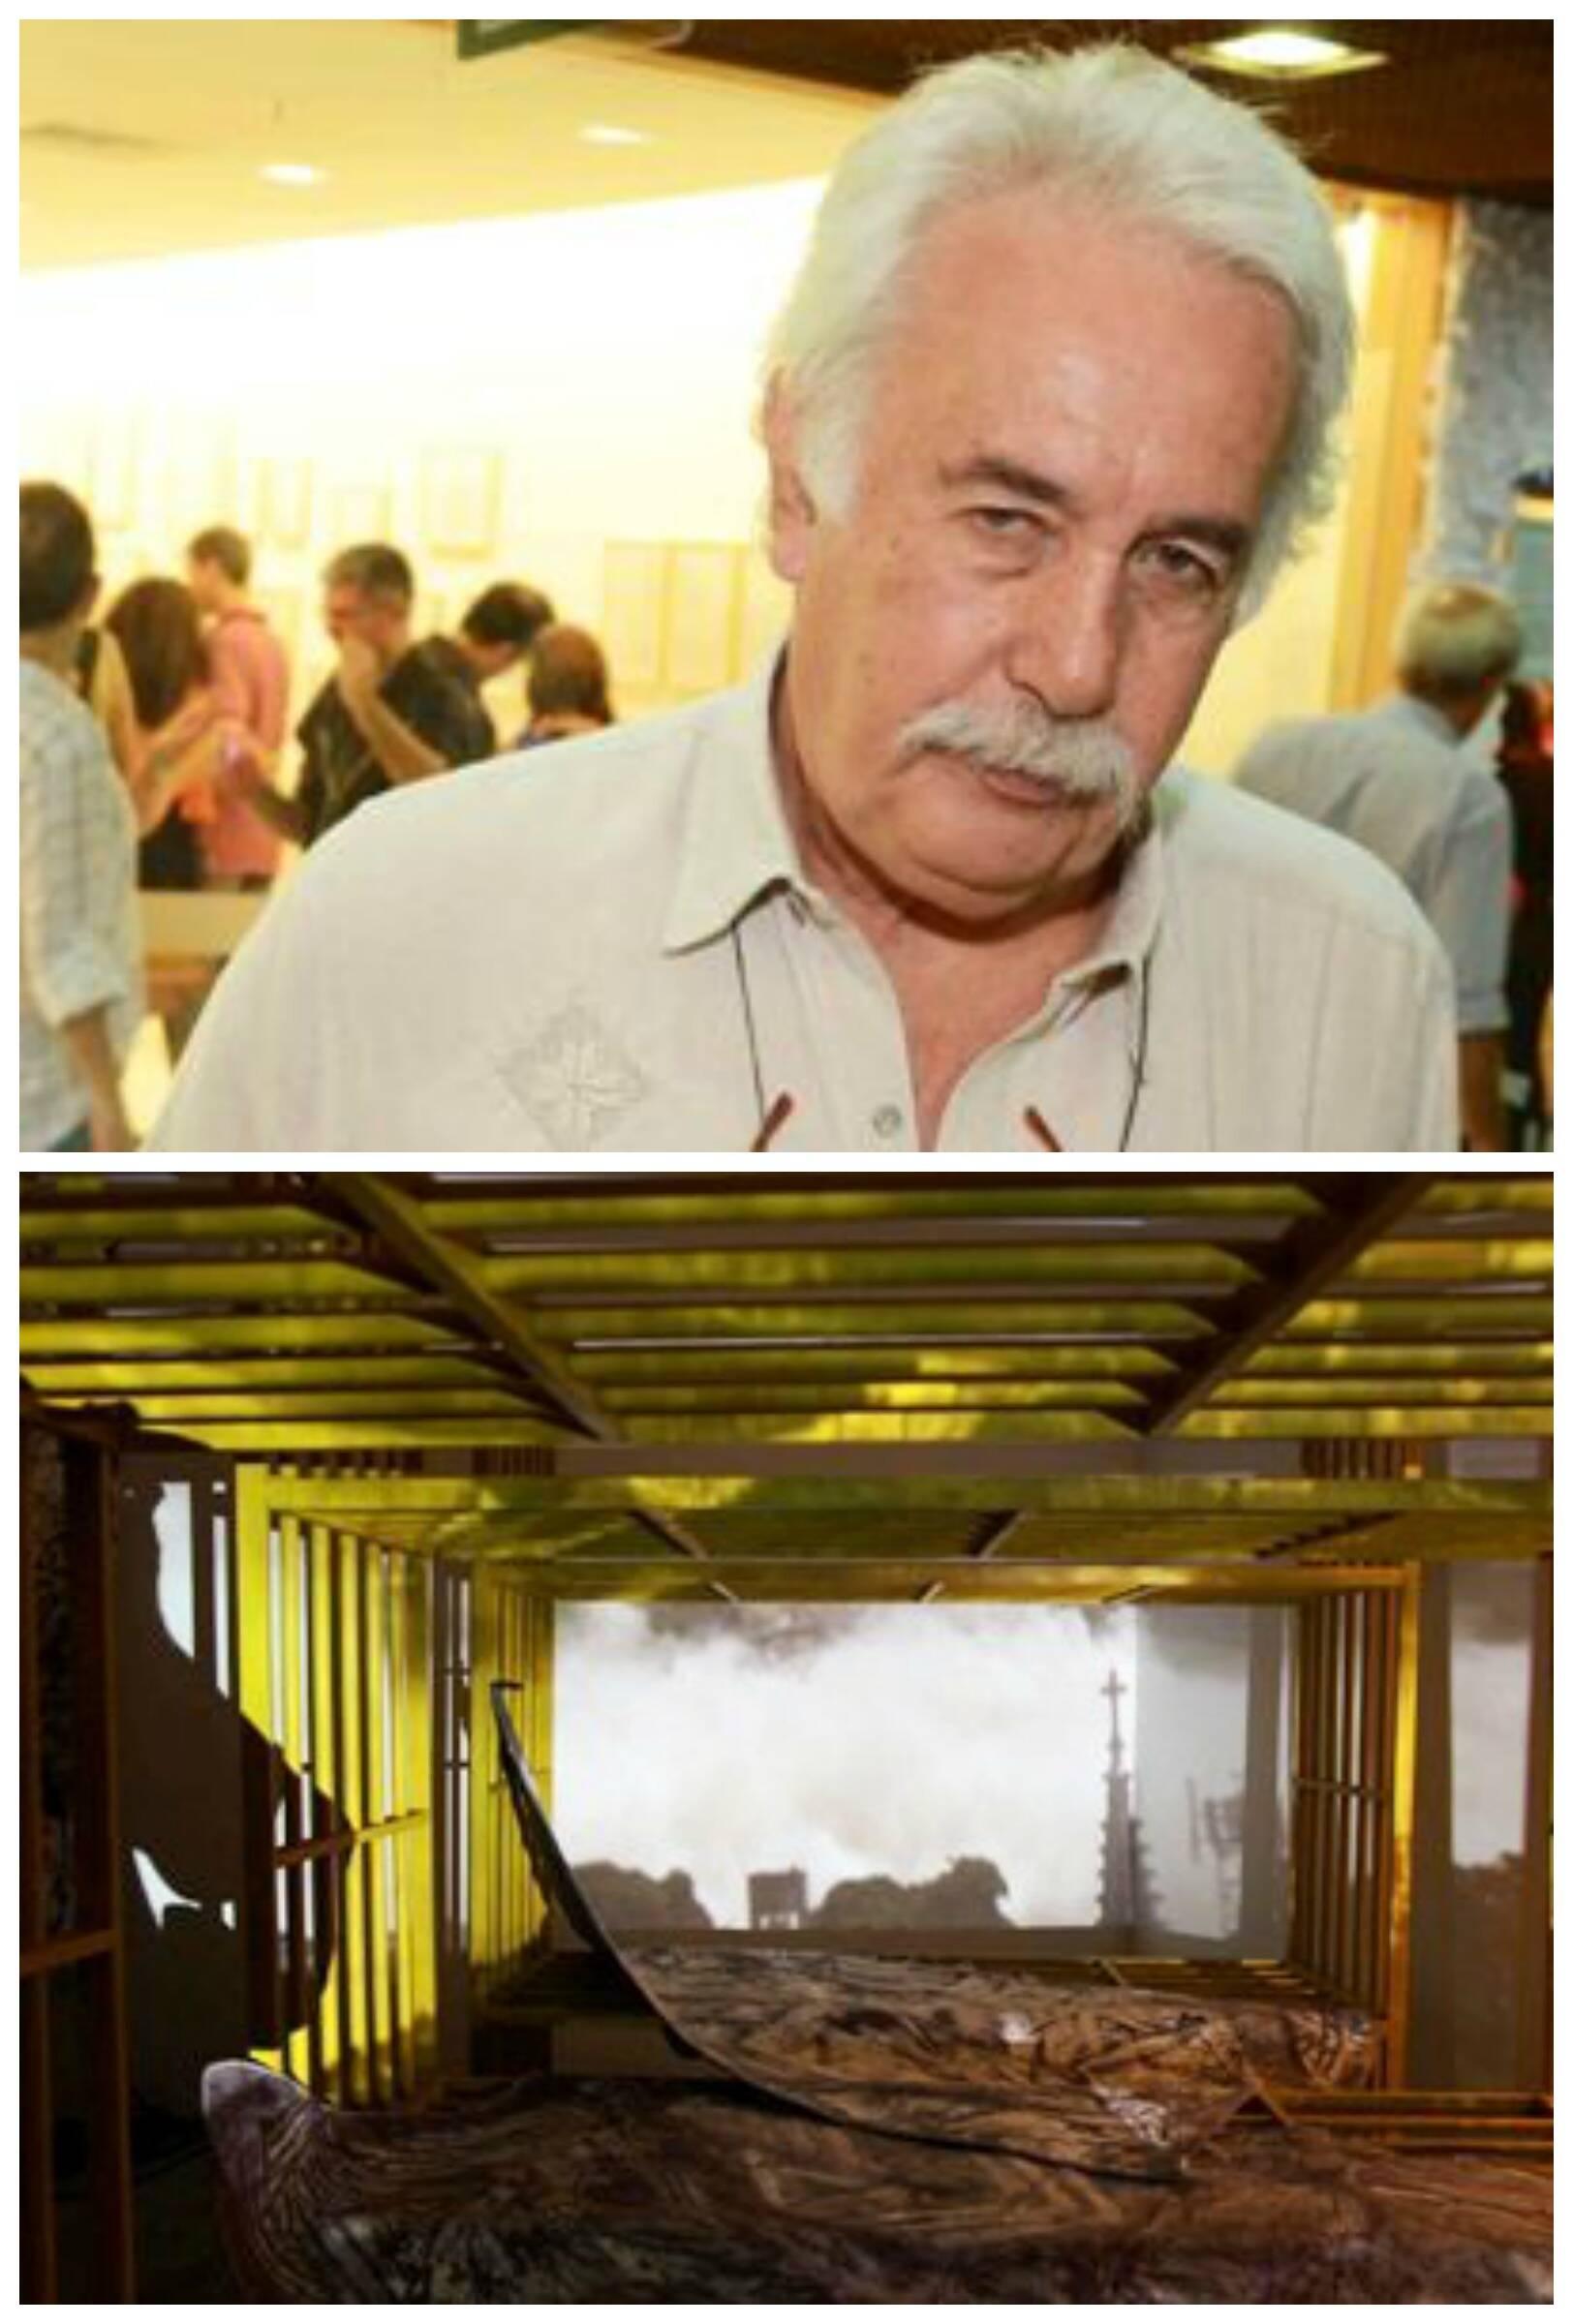 Vergara e a Cosmococa planejada por Hélio Oiticica, que poderá ser vista no MAM / Fotos: Ari Kaye e divulgação